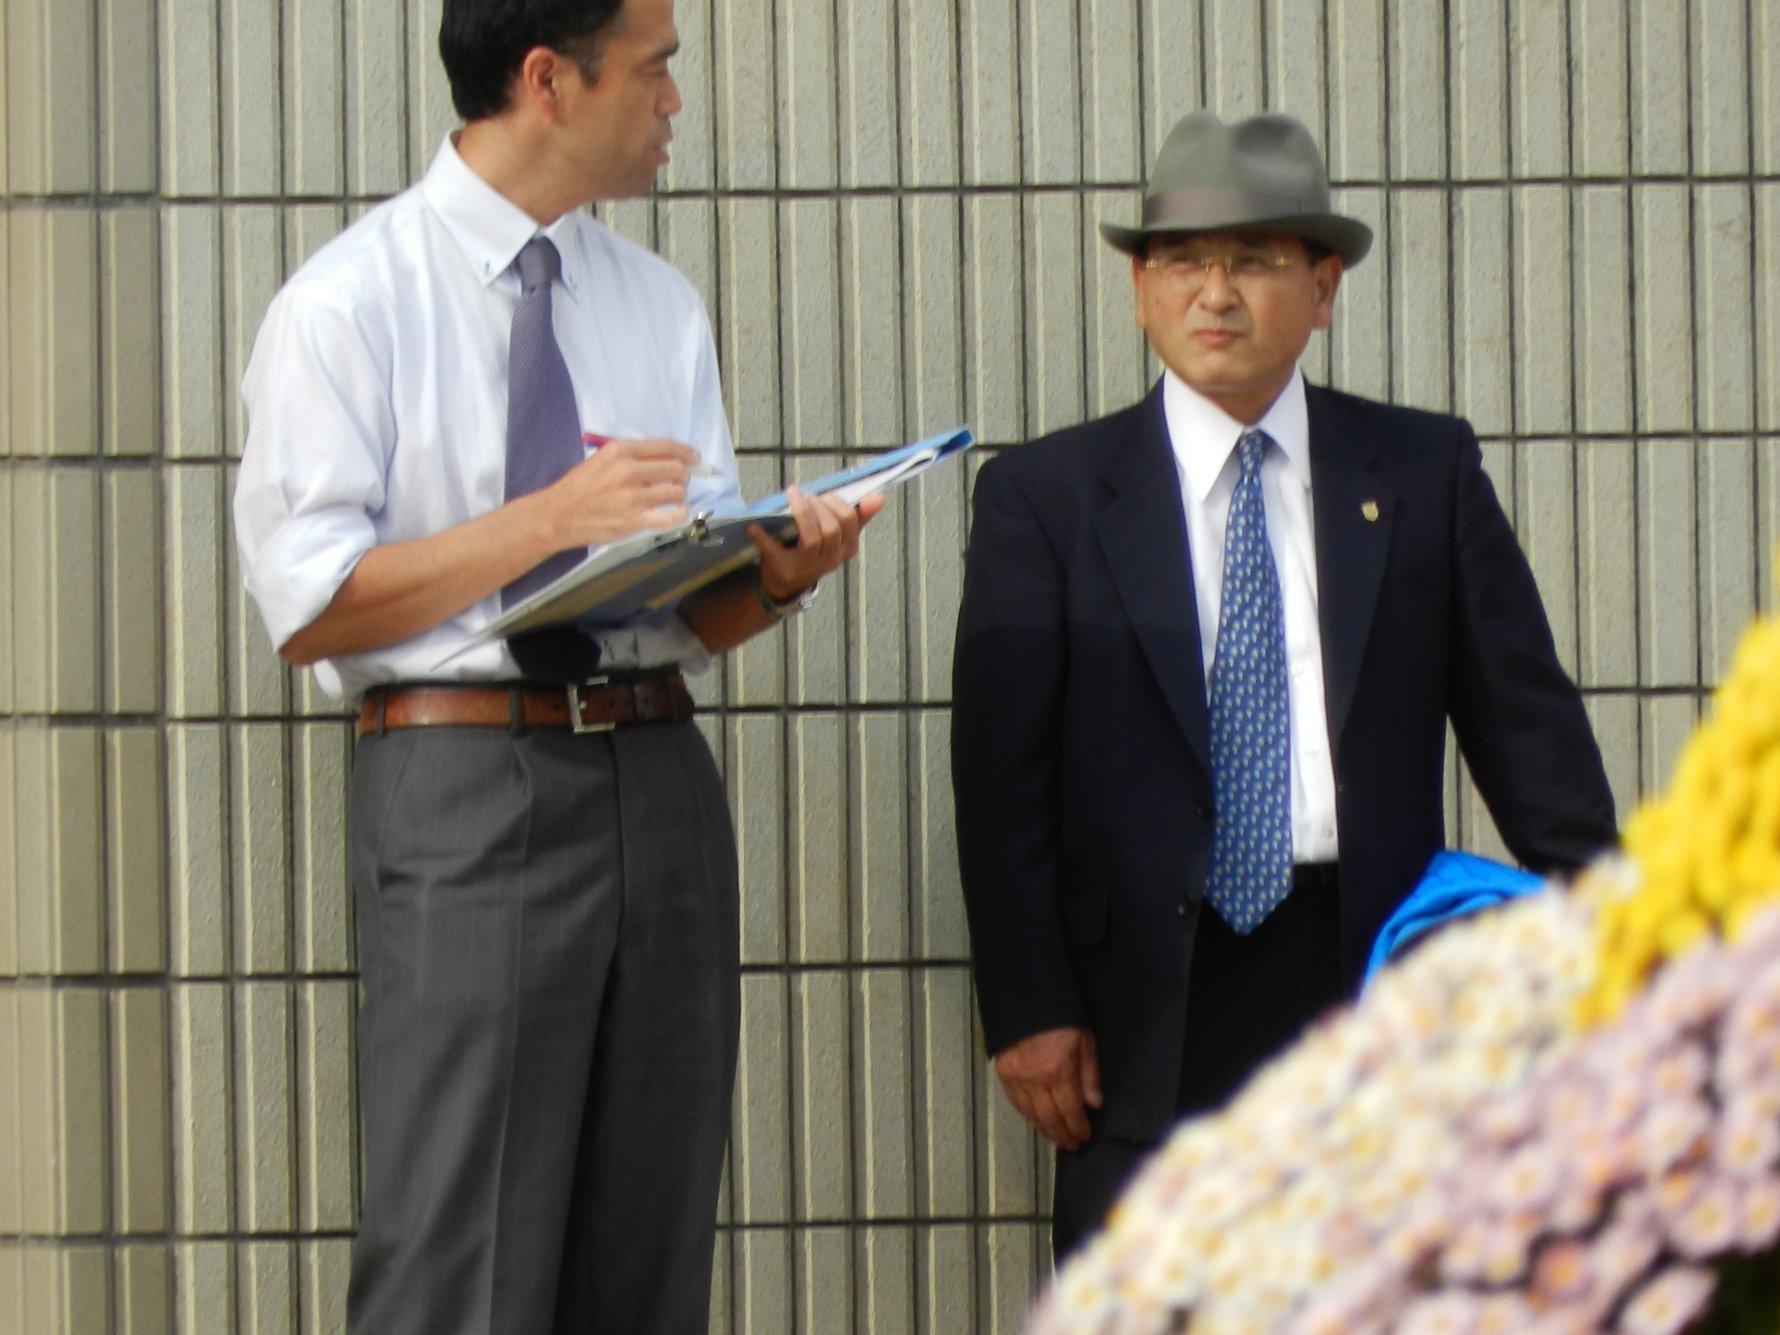 萩S マツクニさん